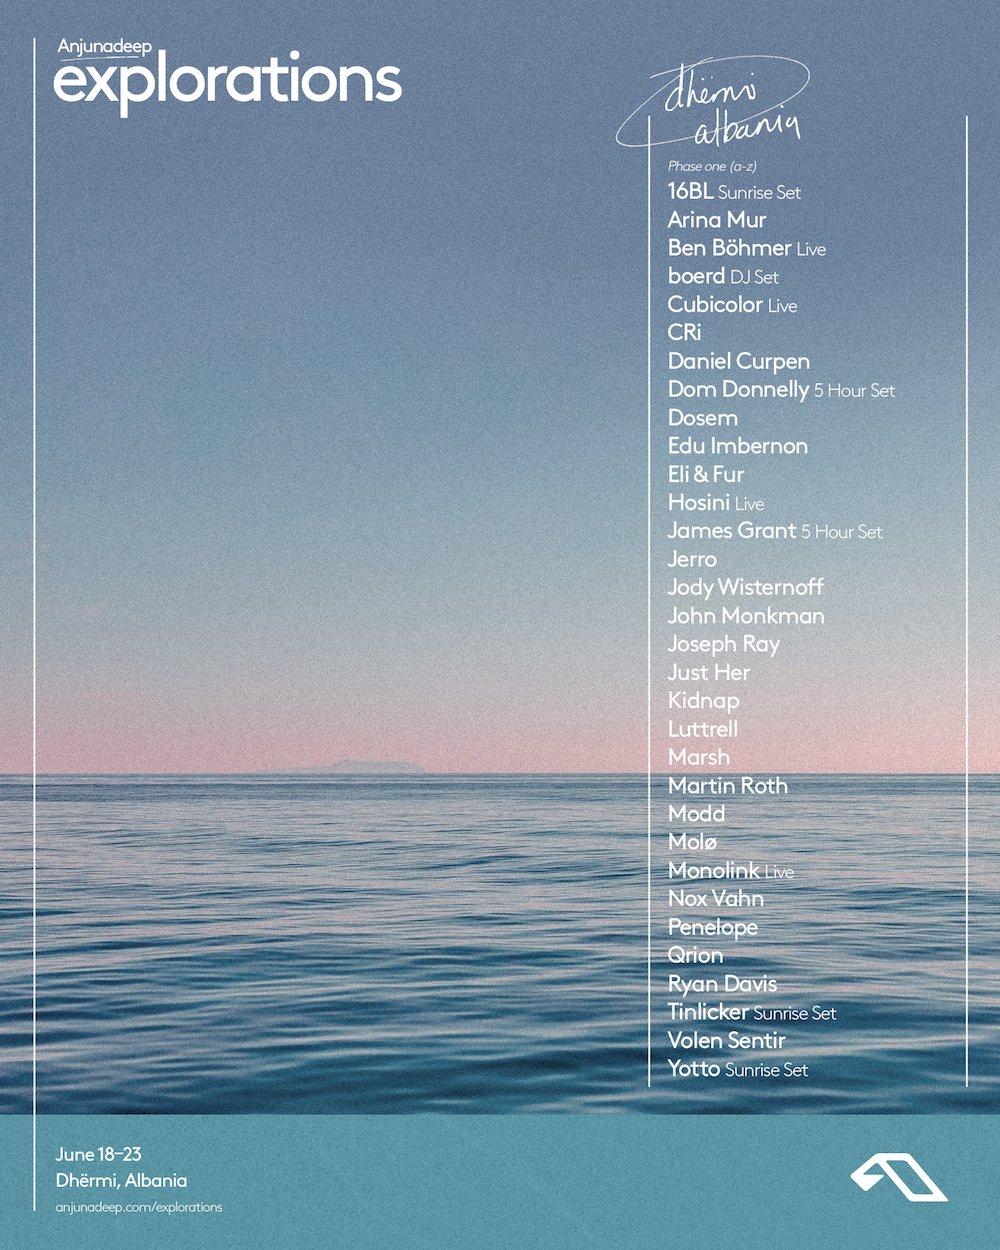 Anjunadeep presents: Explorations 2020 - Initial Lineup